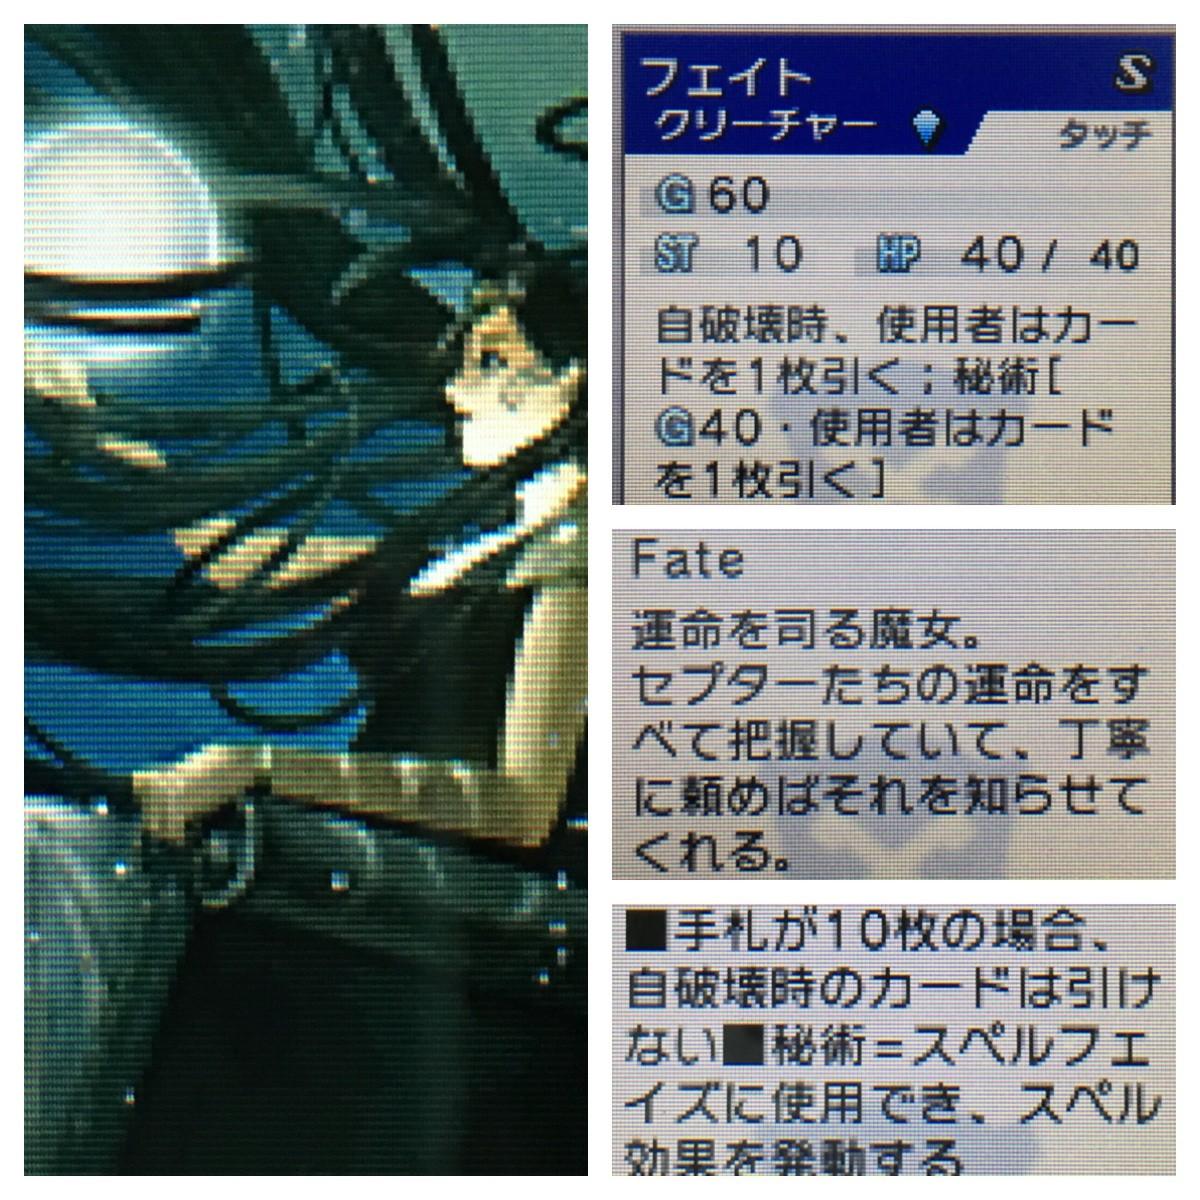 f:id:yzuame:20160713184026j:image:w400